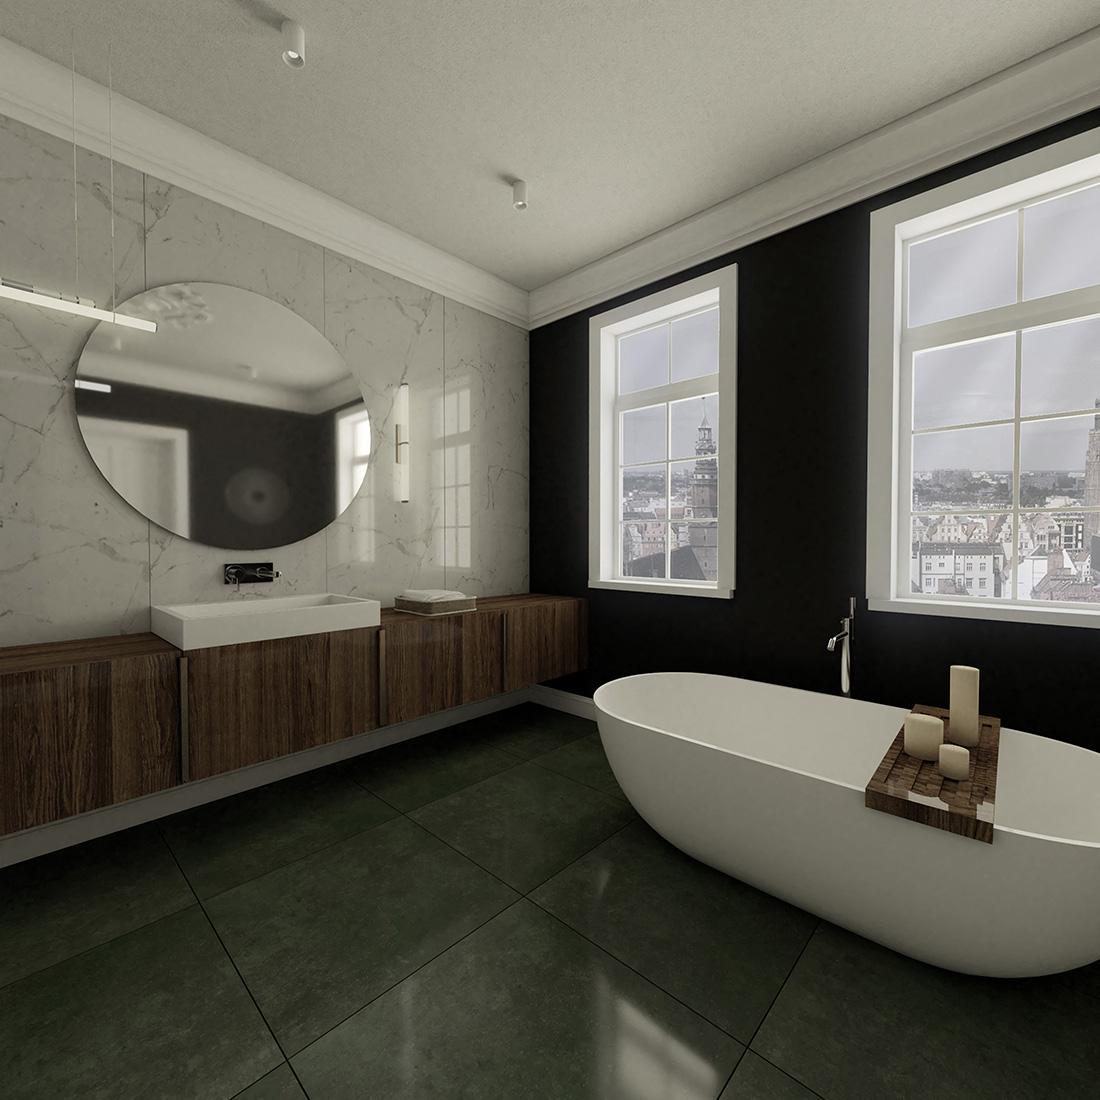 łazienka - połączenie klasyczności i nowoczesności